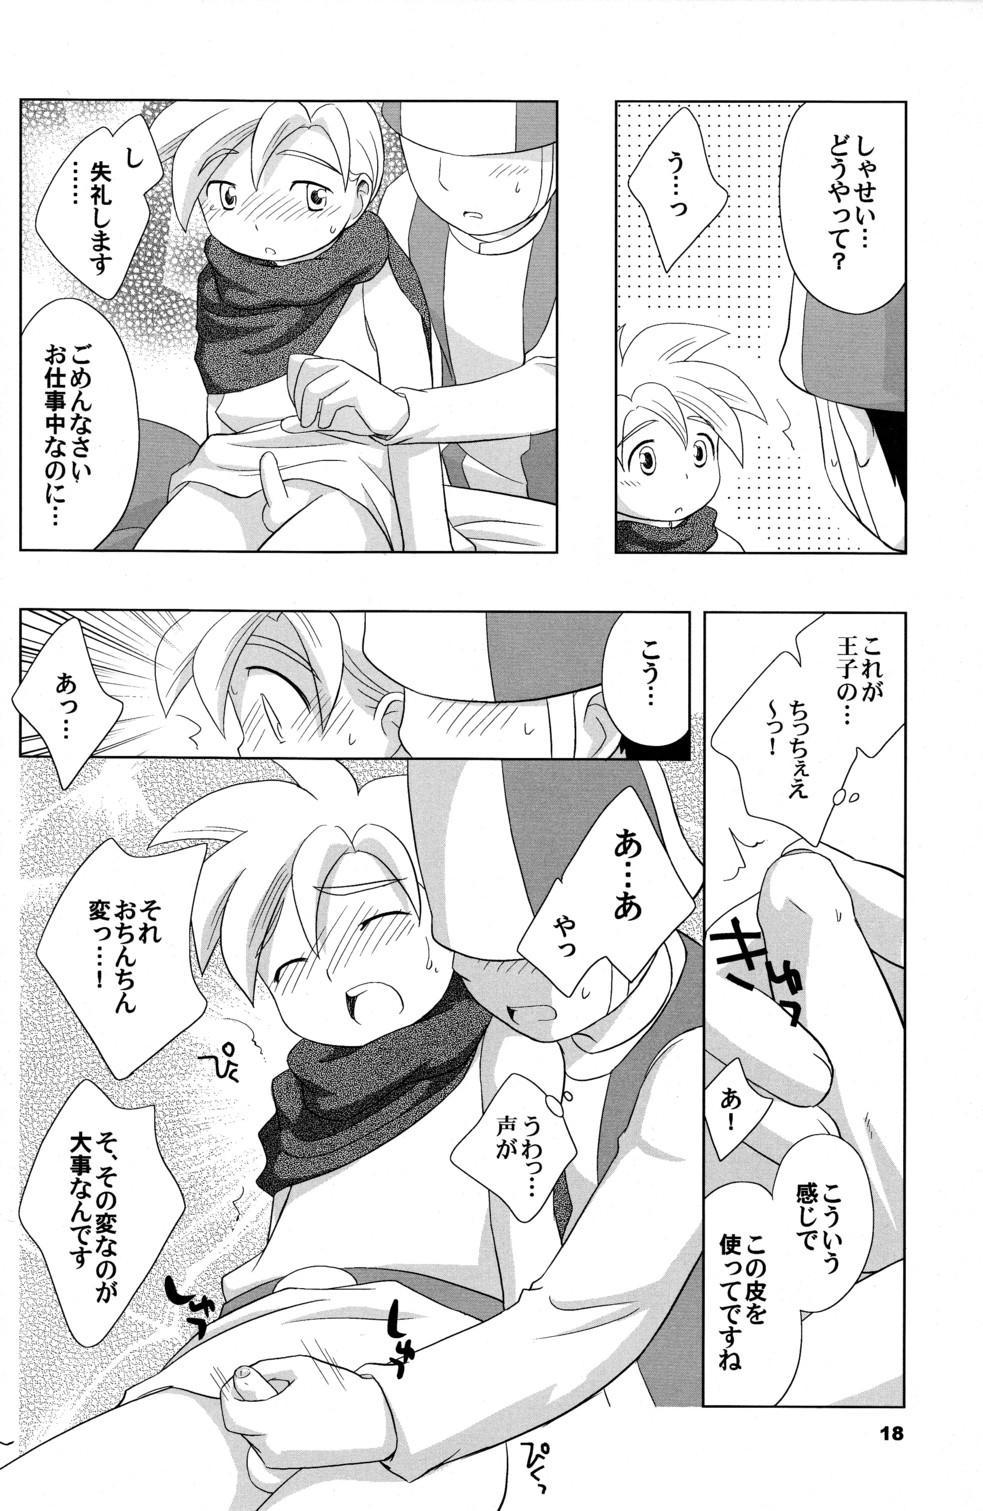 Hoshifuru Seisui 17